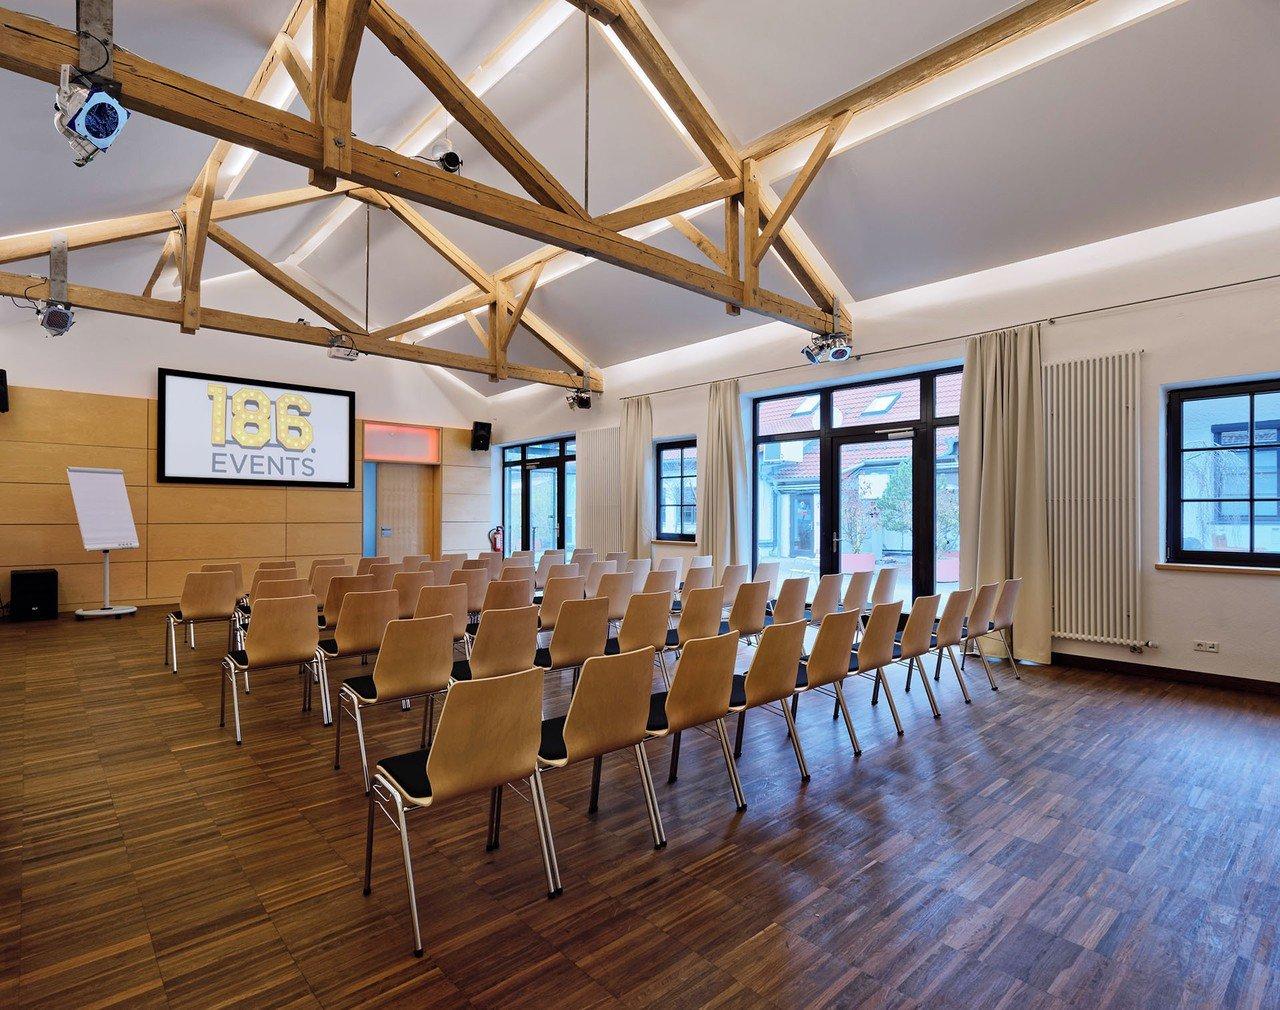 Munich training rooms Salle de réunion 186.events image 0